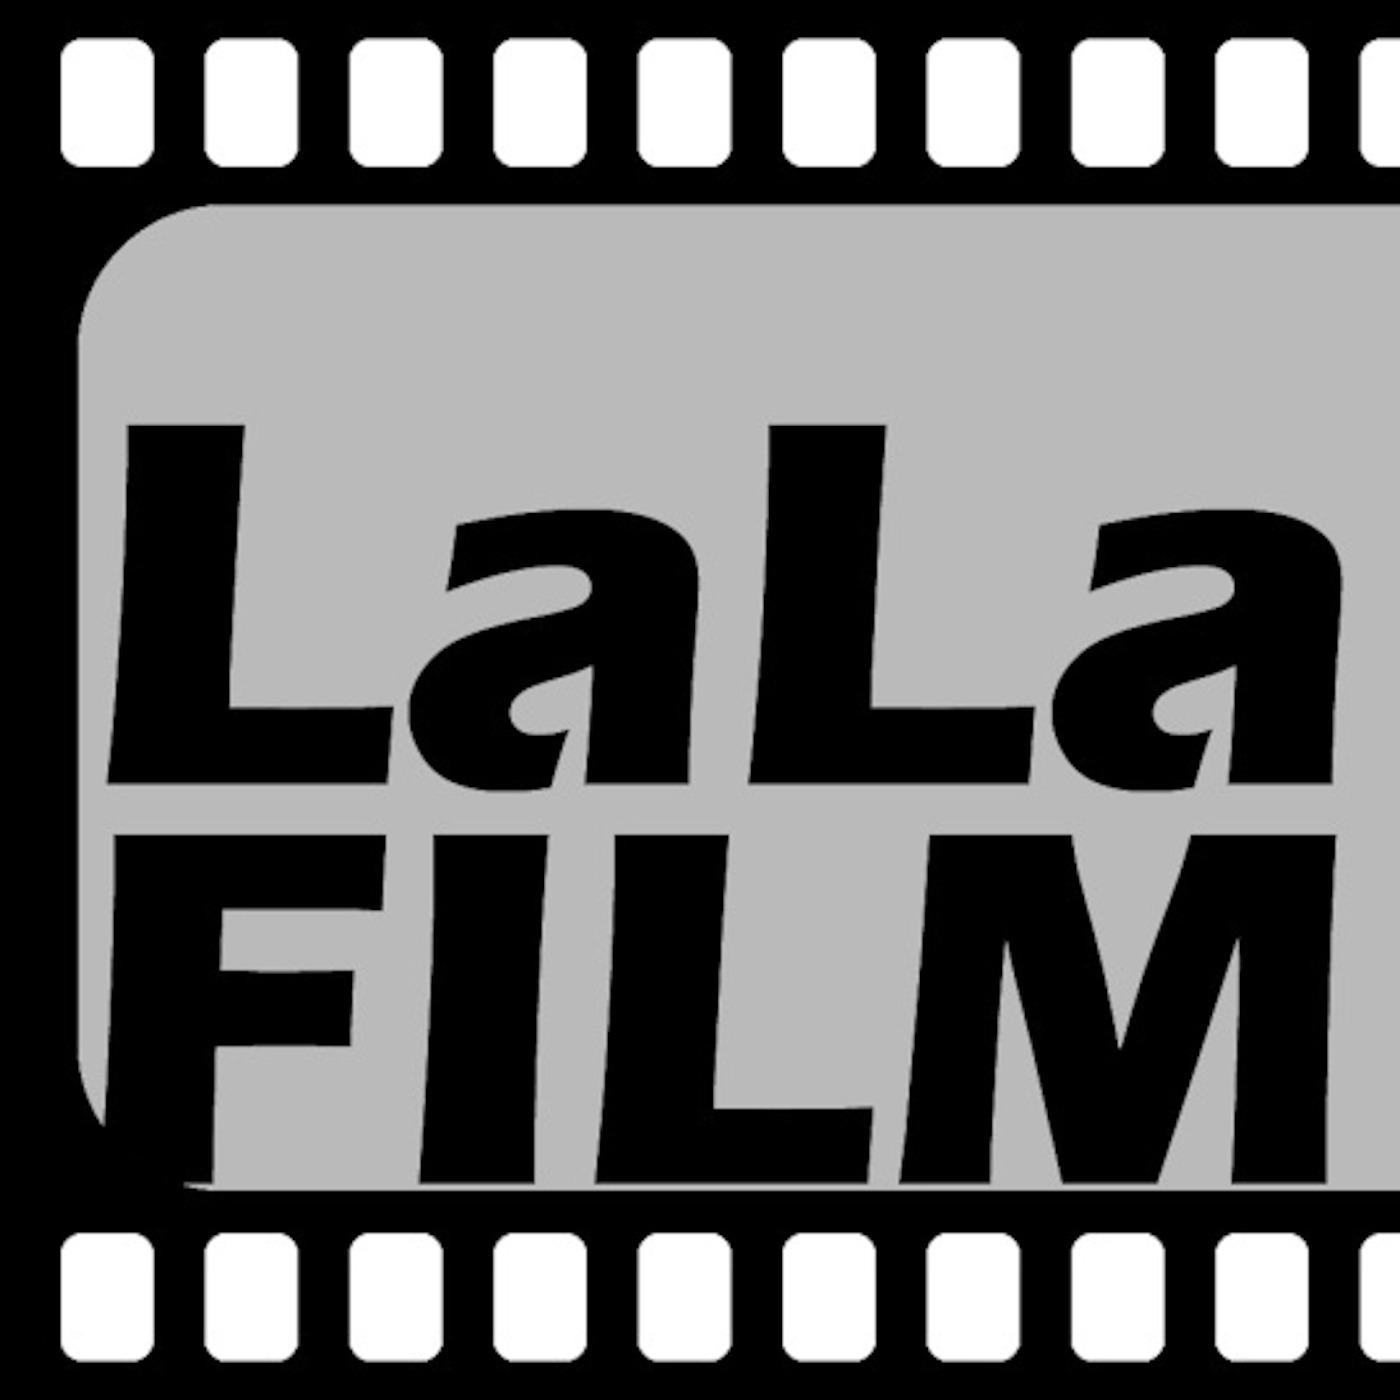 La La Film